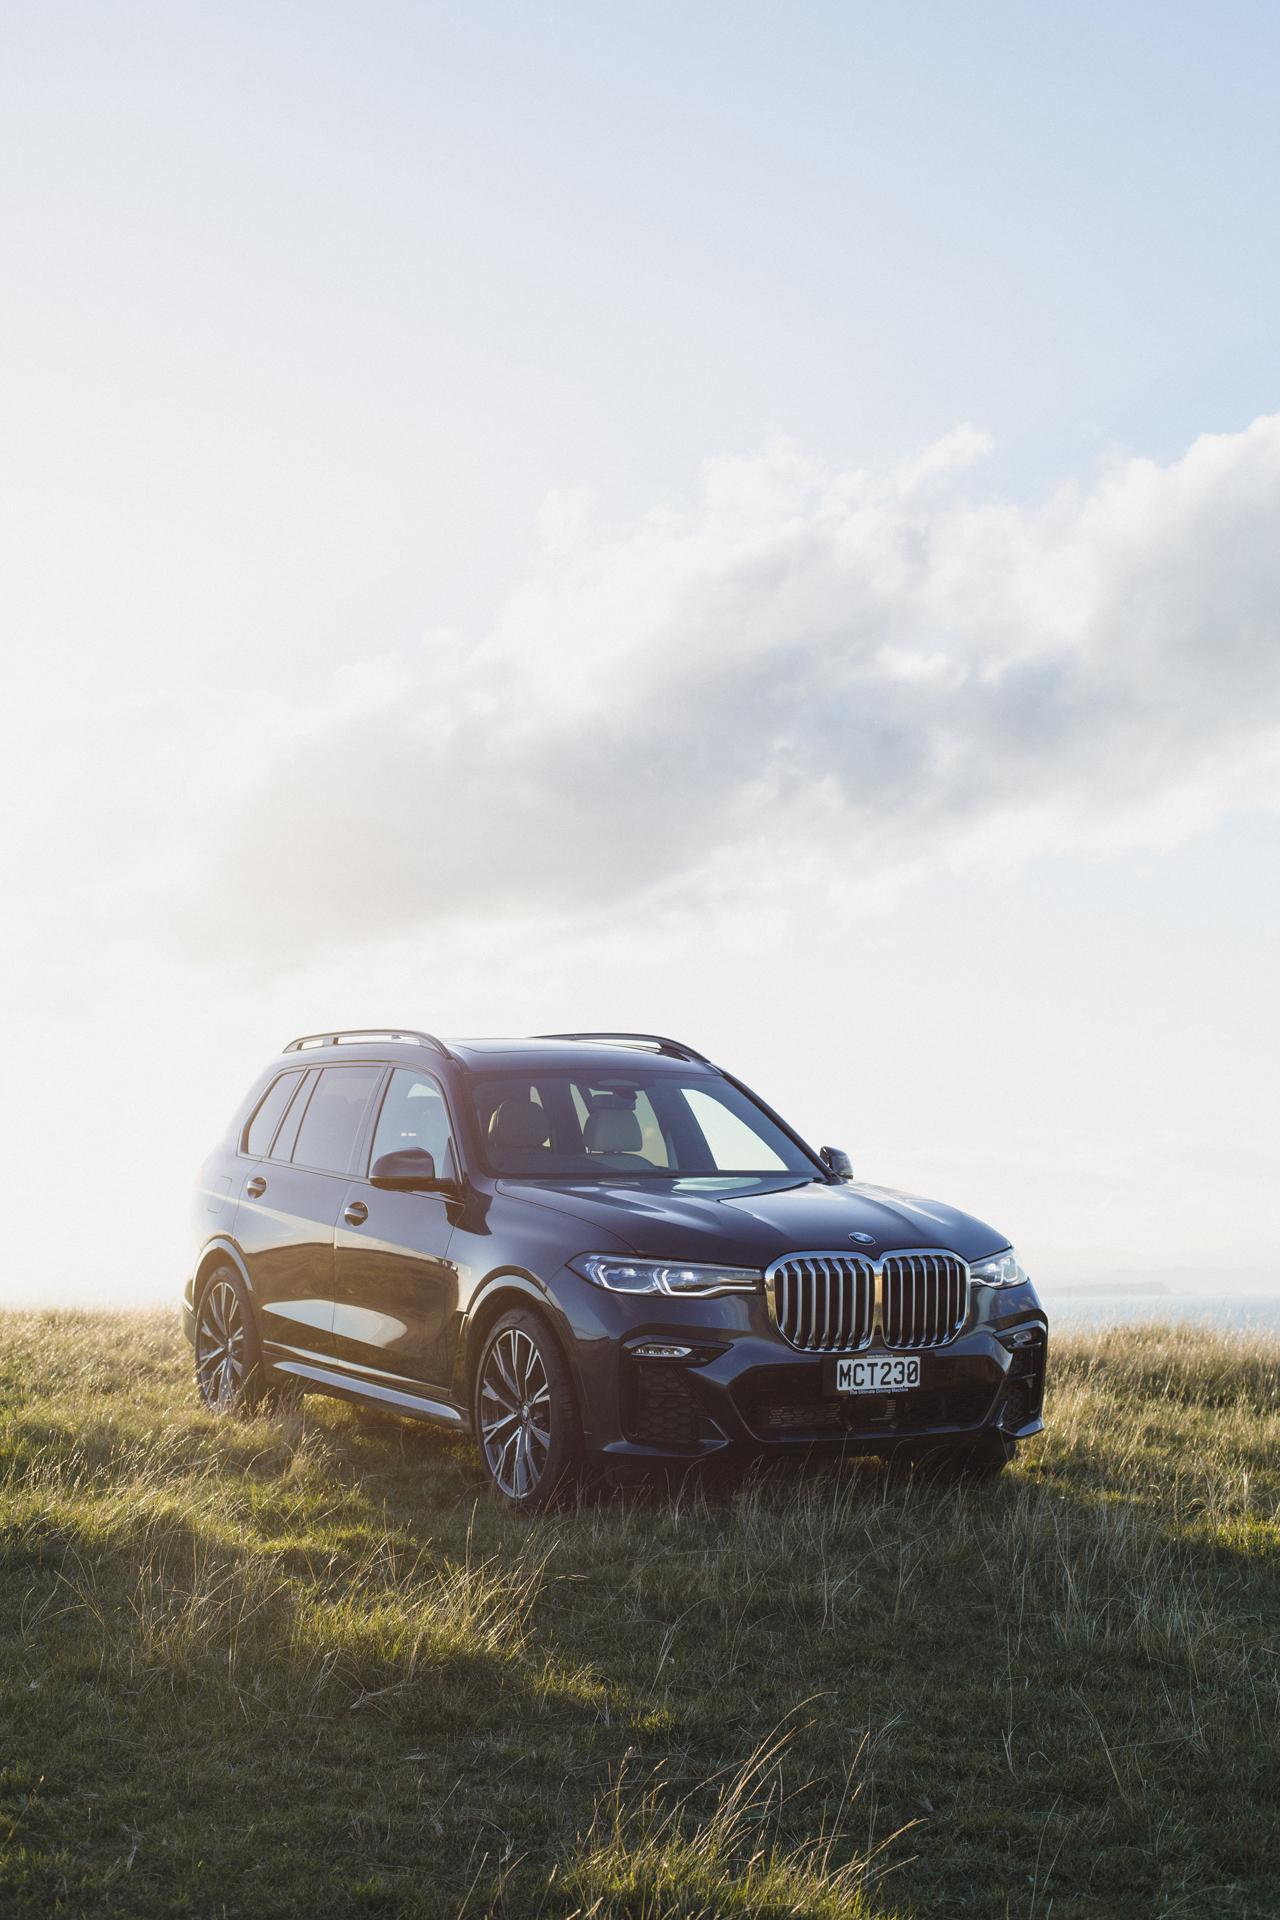 BMW_X7_1.1_S1_7584.jpg